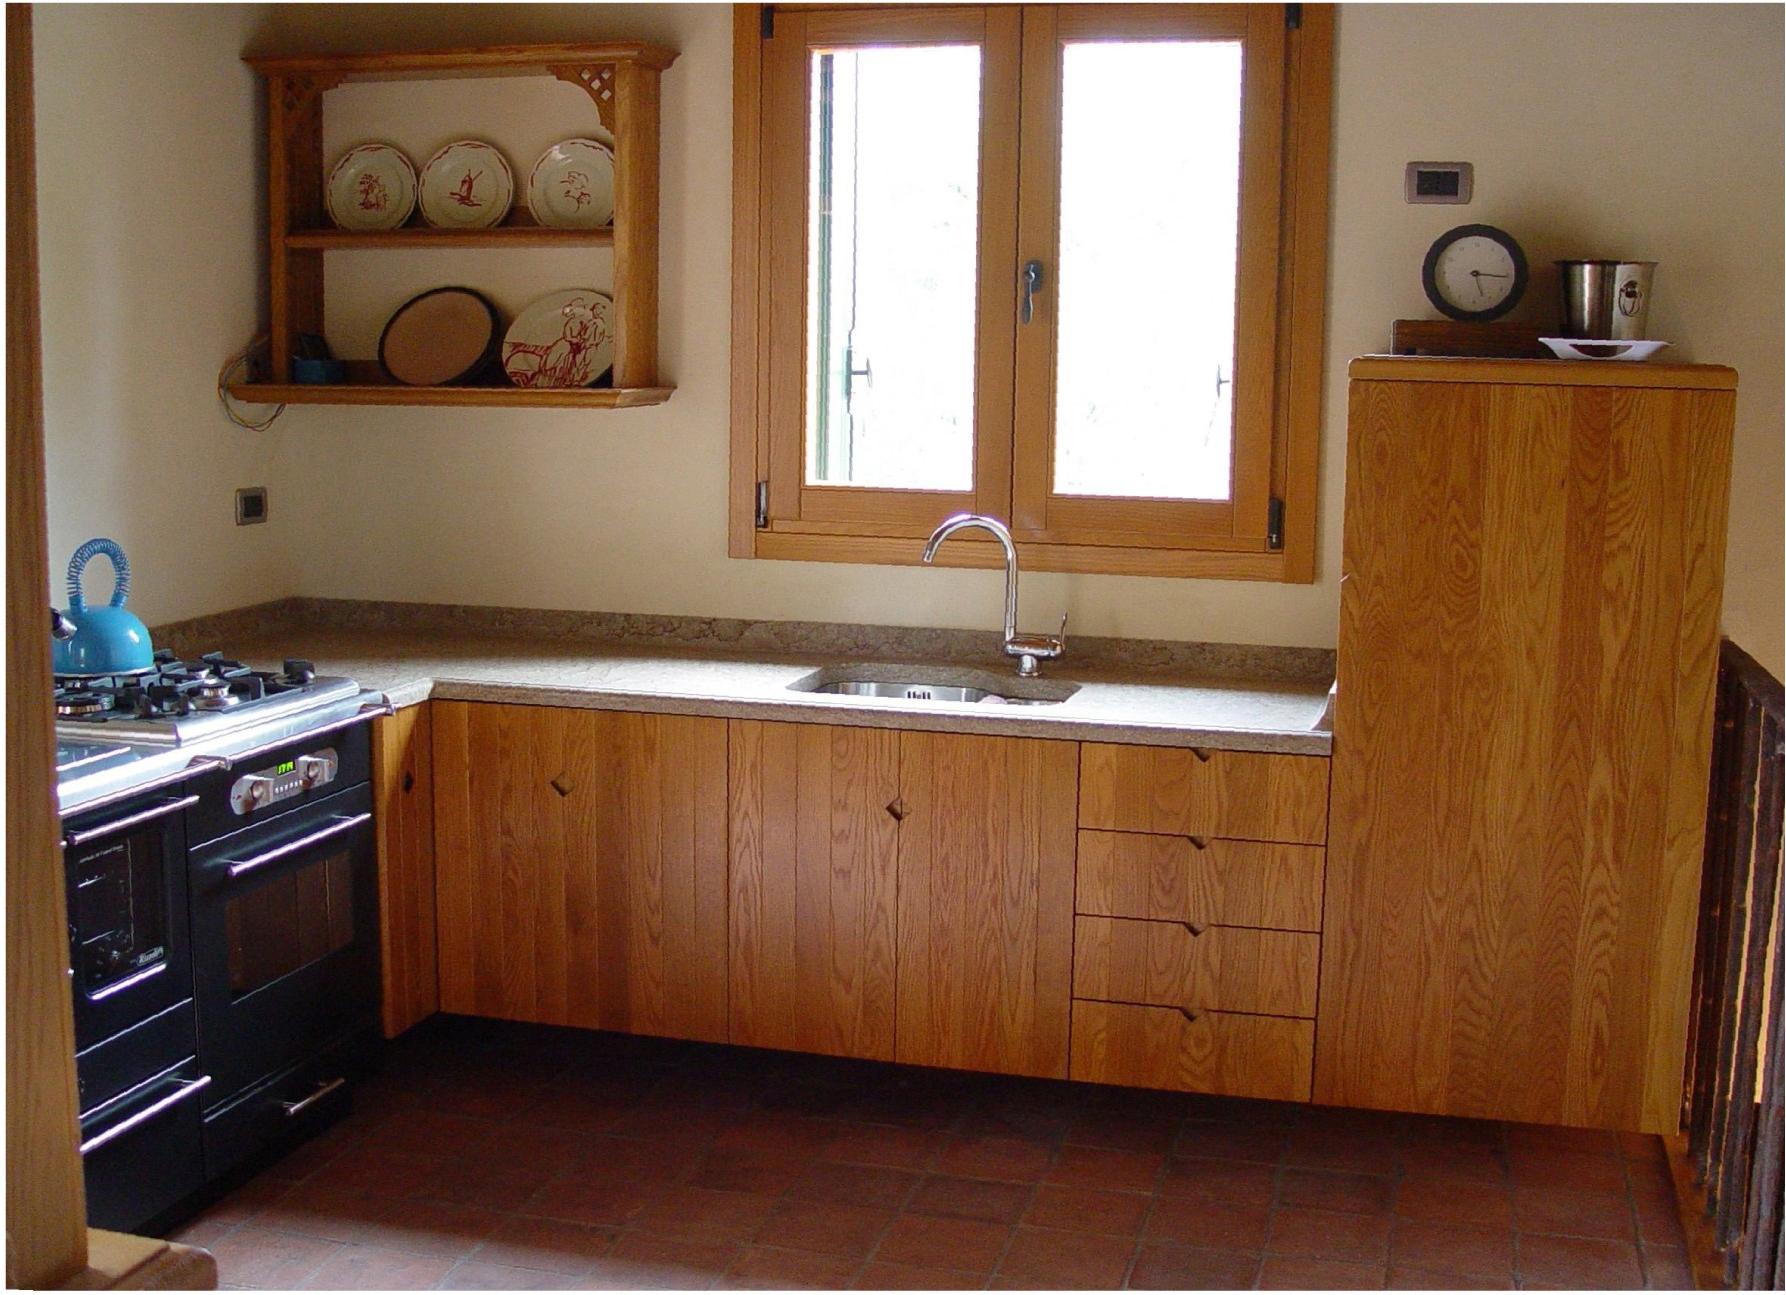 Immagini cucine classiche cheap cucina classica prezzi - Cucine classiche immagini ...